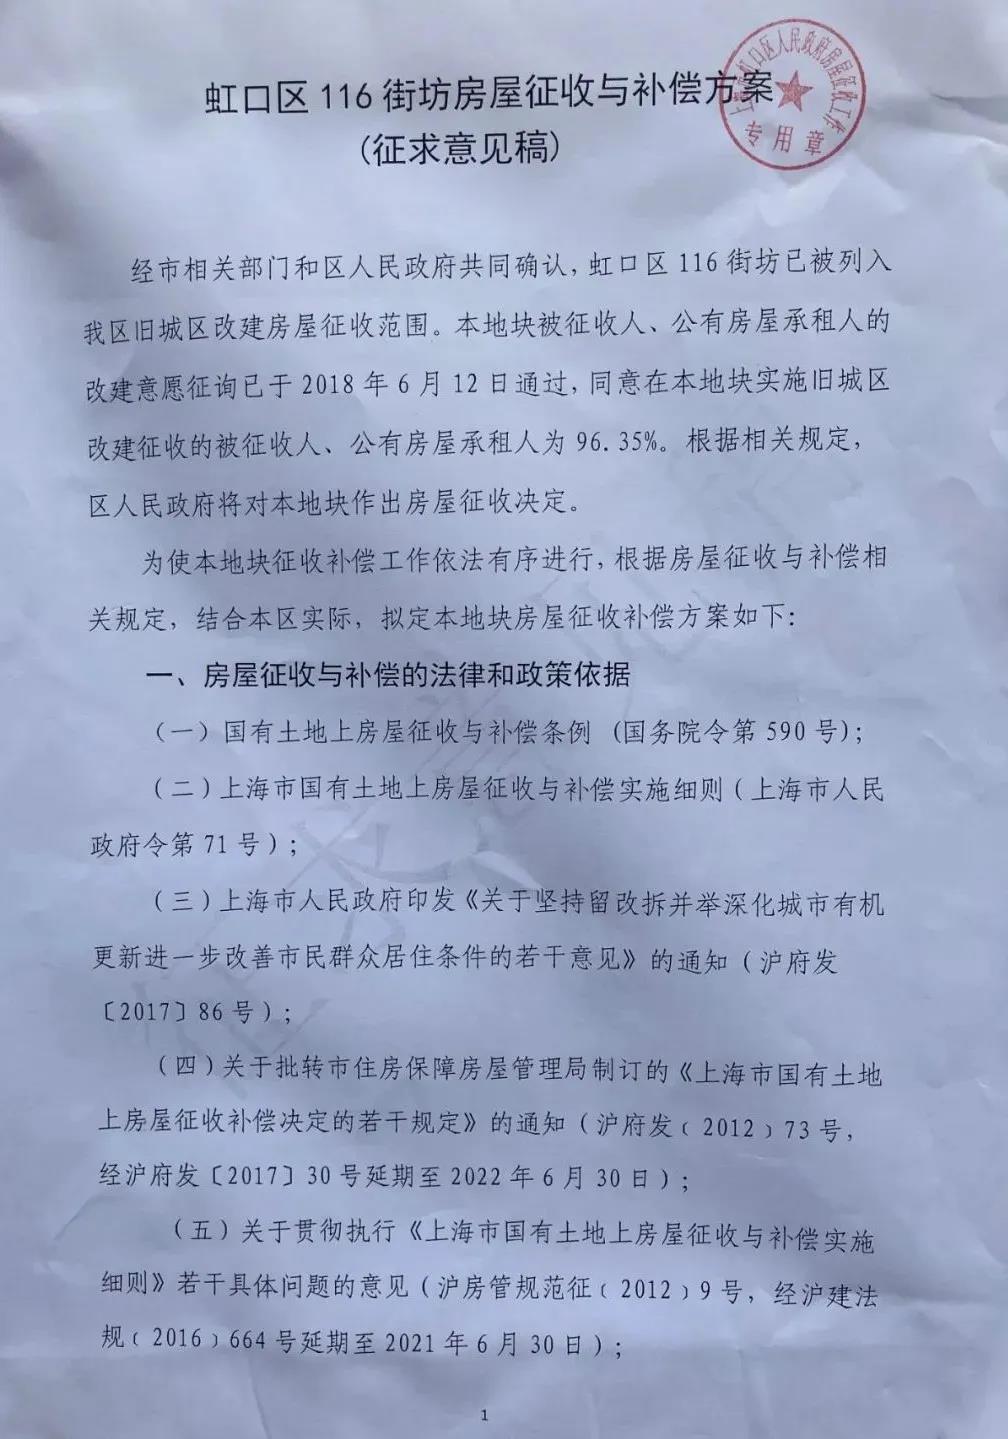 微信图片 20200624135153 - 虹口116街坊房屋征收与补偿方案(征求意见稿)公布